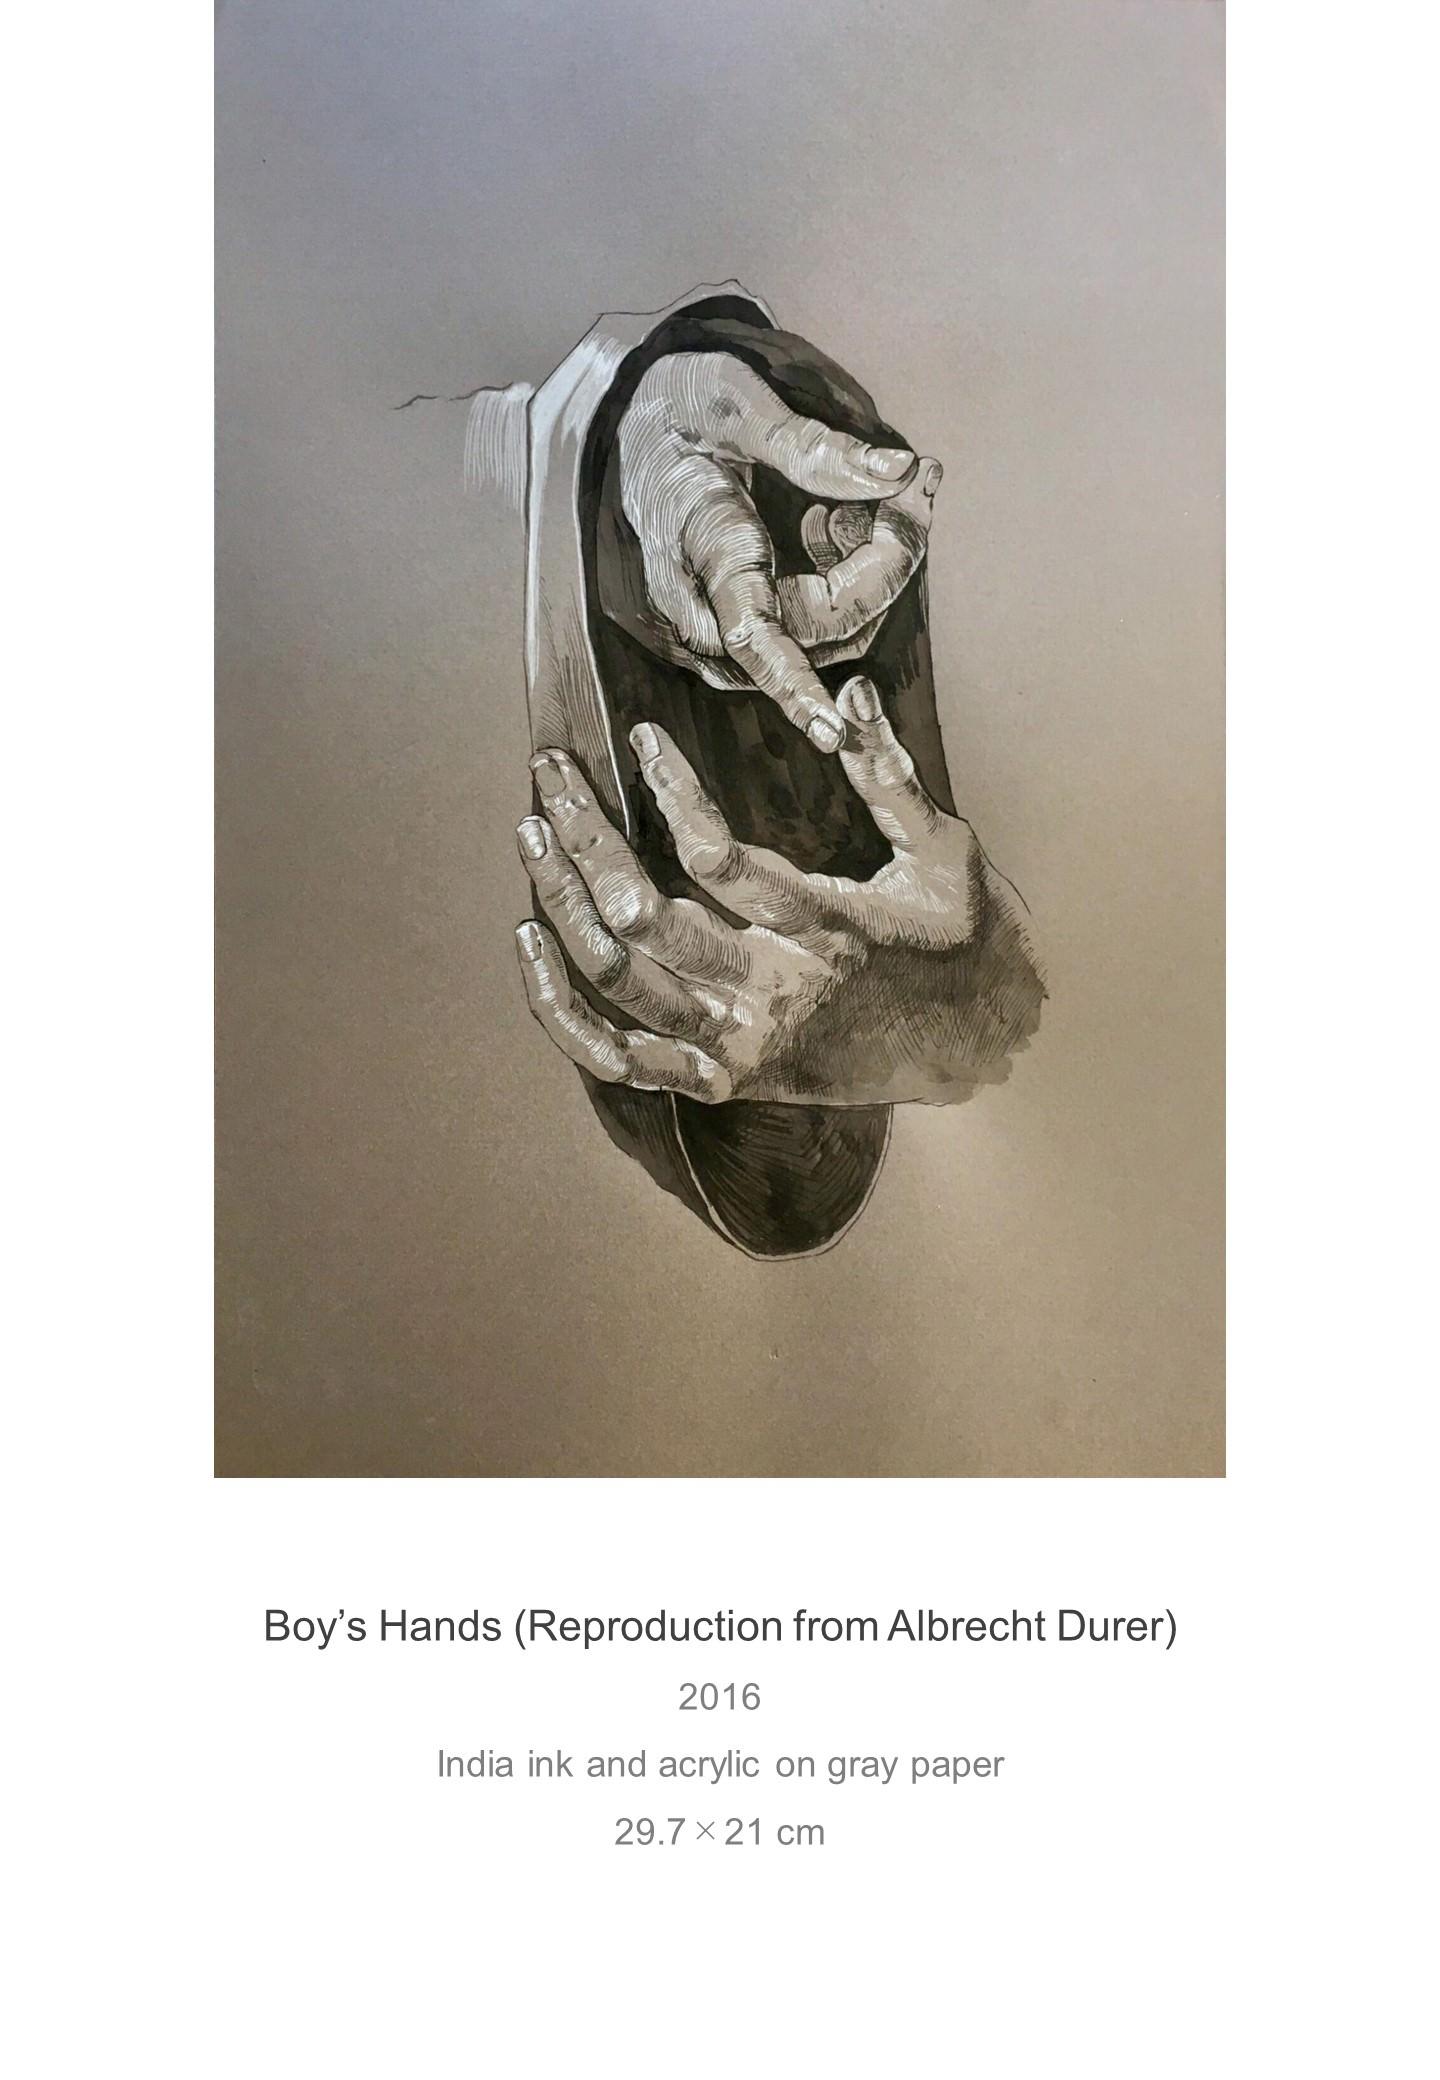 Shota Imai's Artwork of Boy's Hnads